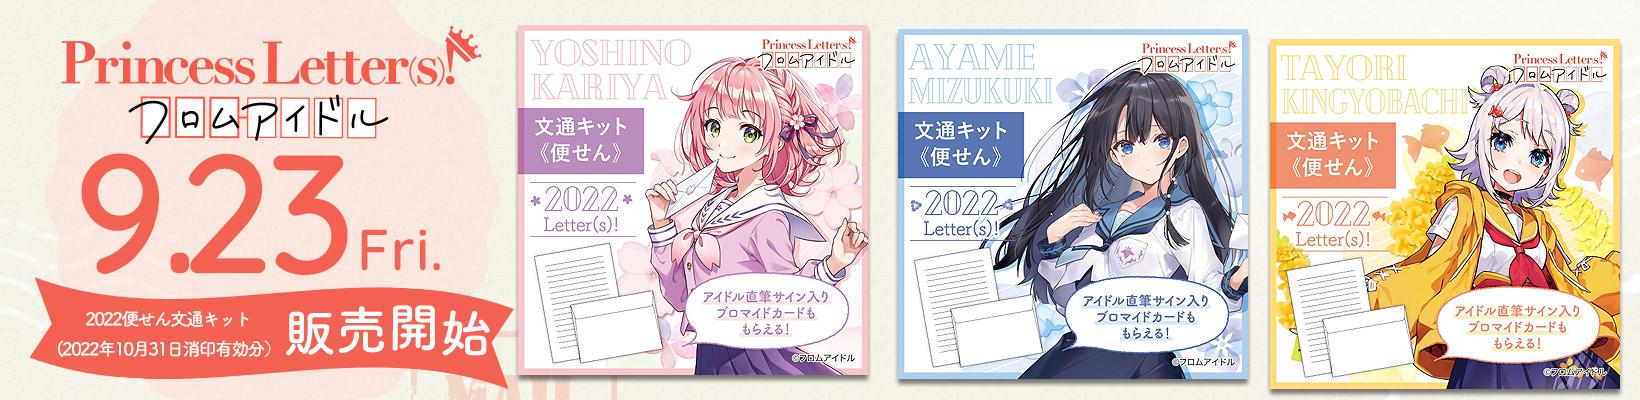 Princess Letter(s)!フロムアイドル 9.23wed. 販売開始!